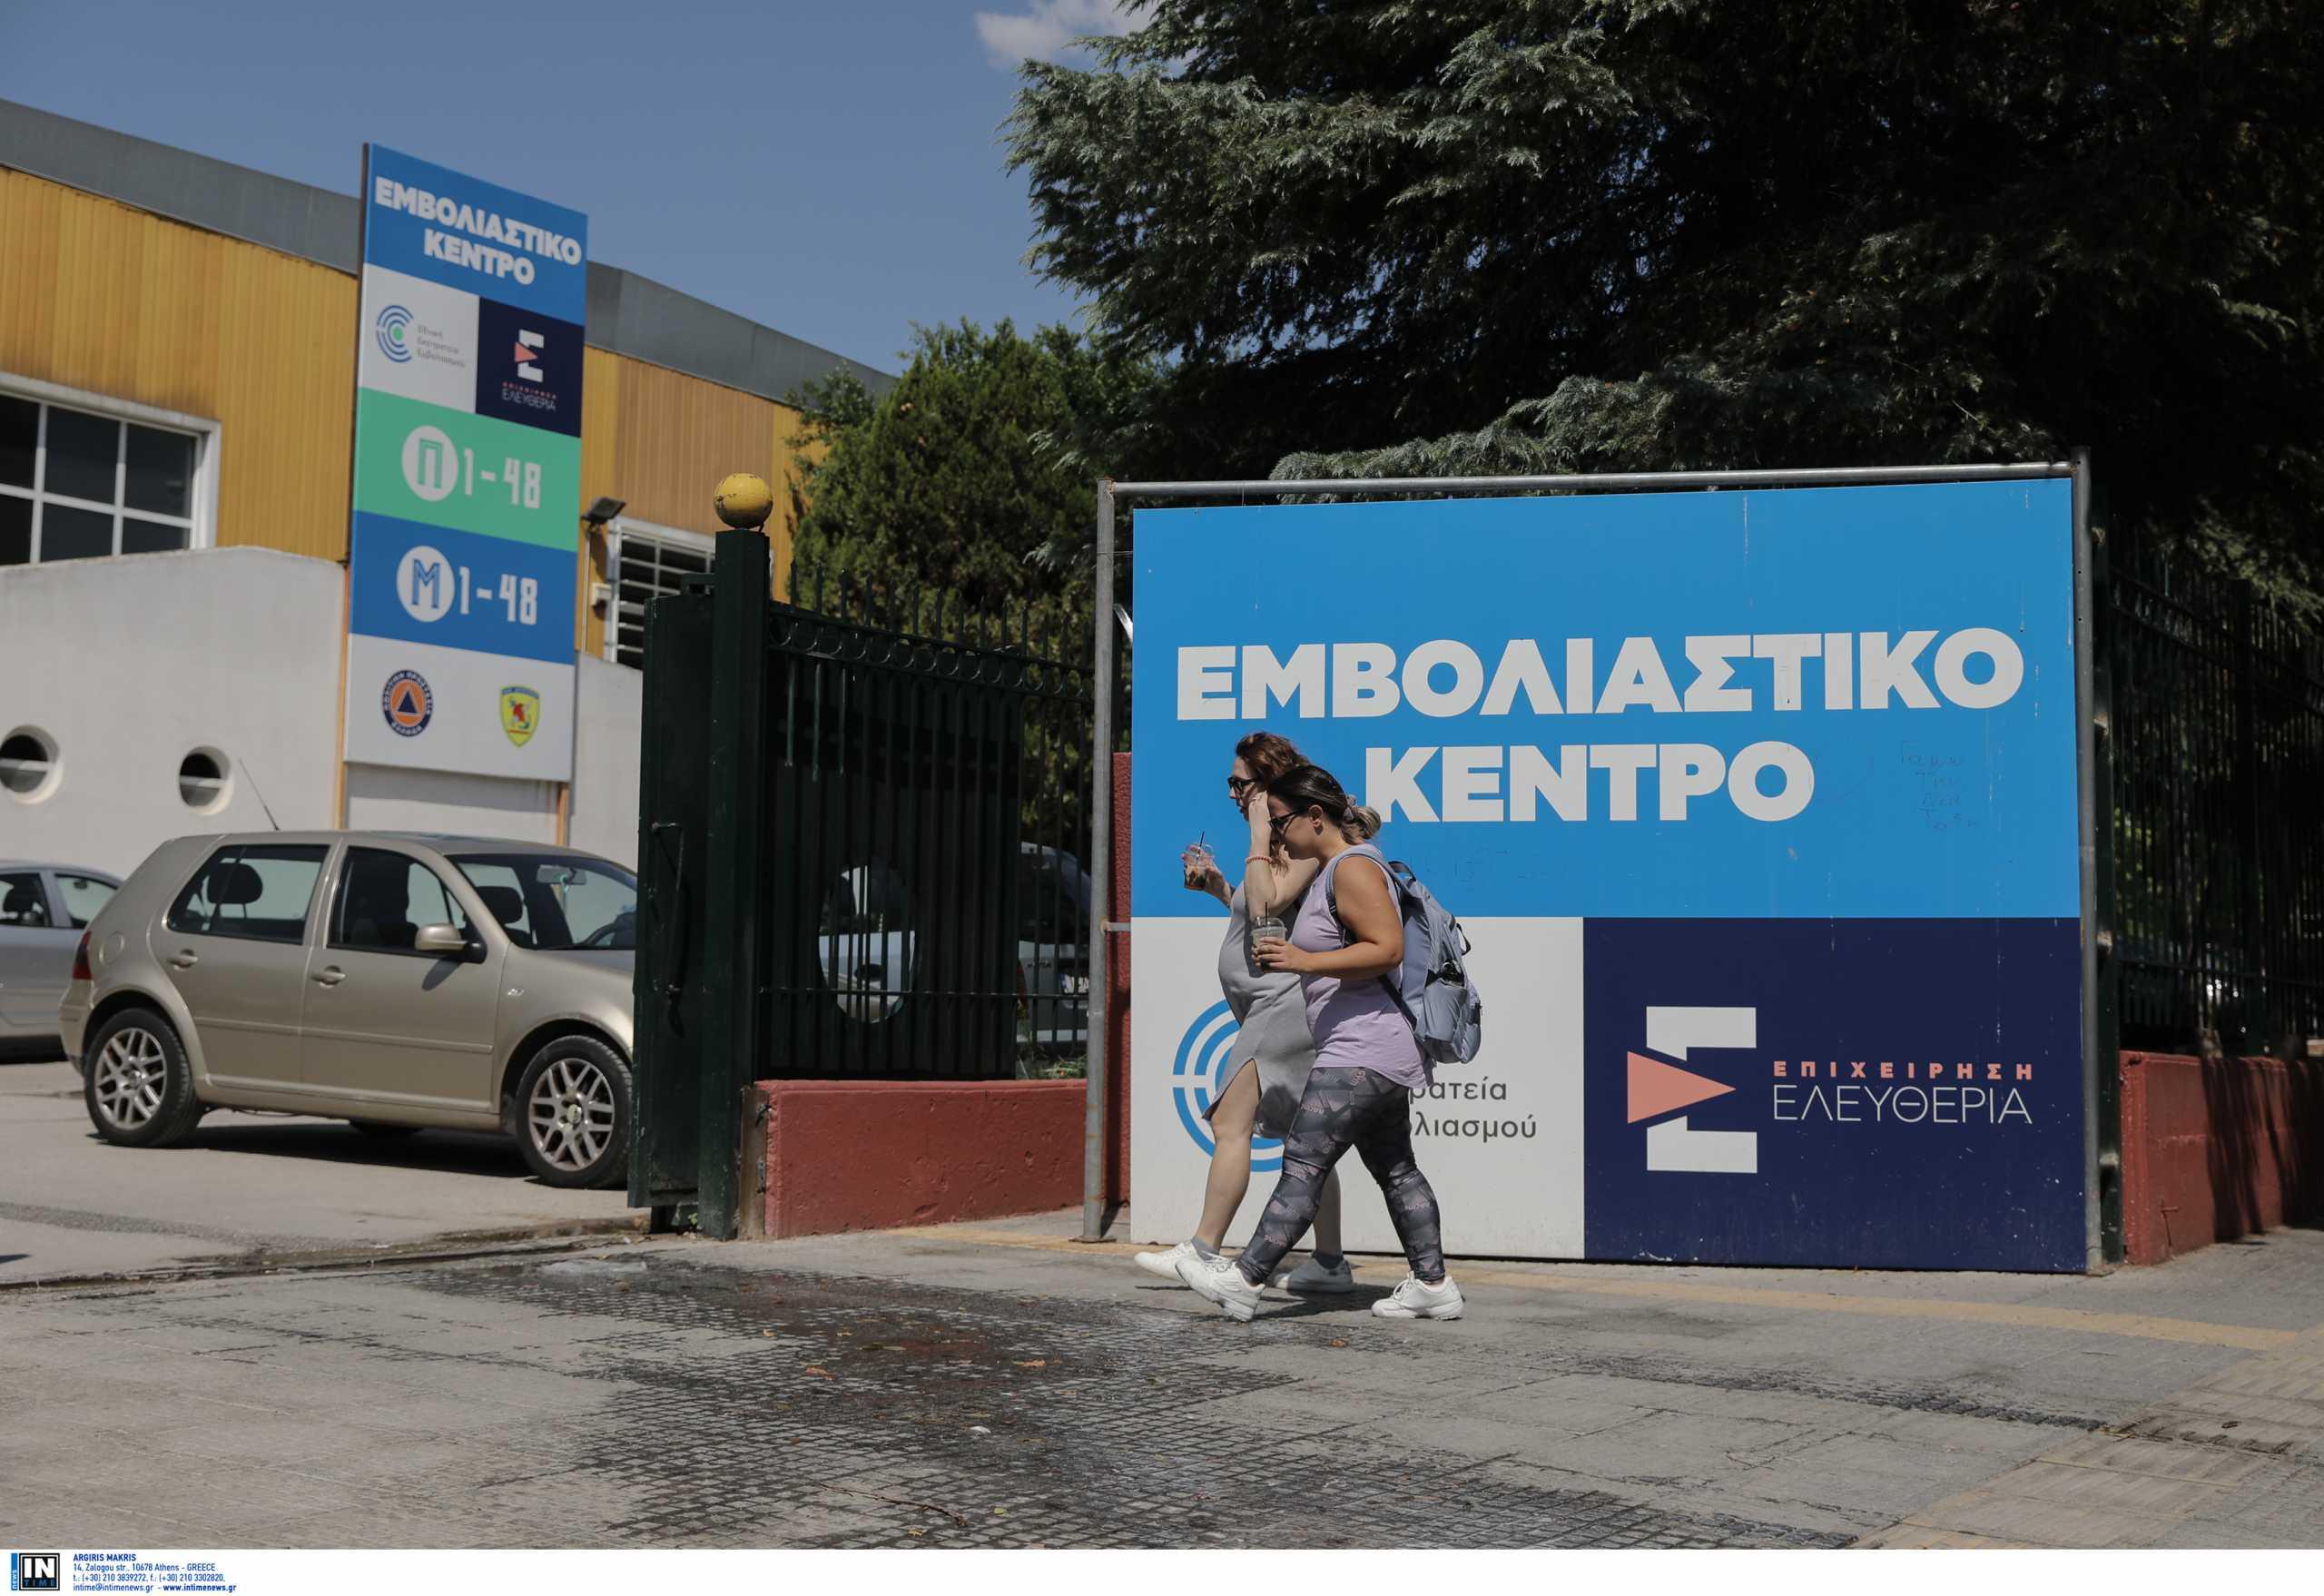 Κορονοϊός - Εμβόλιο: Τι να κάνουν όσοι έλαβαν νωρίτερα το SMS για την τρίτη δόση